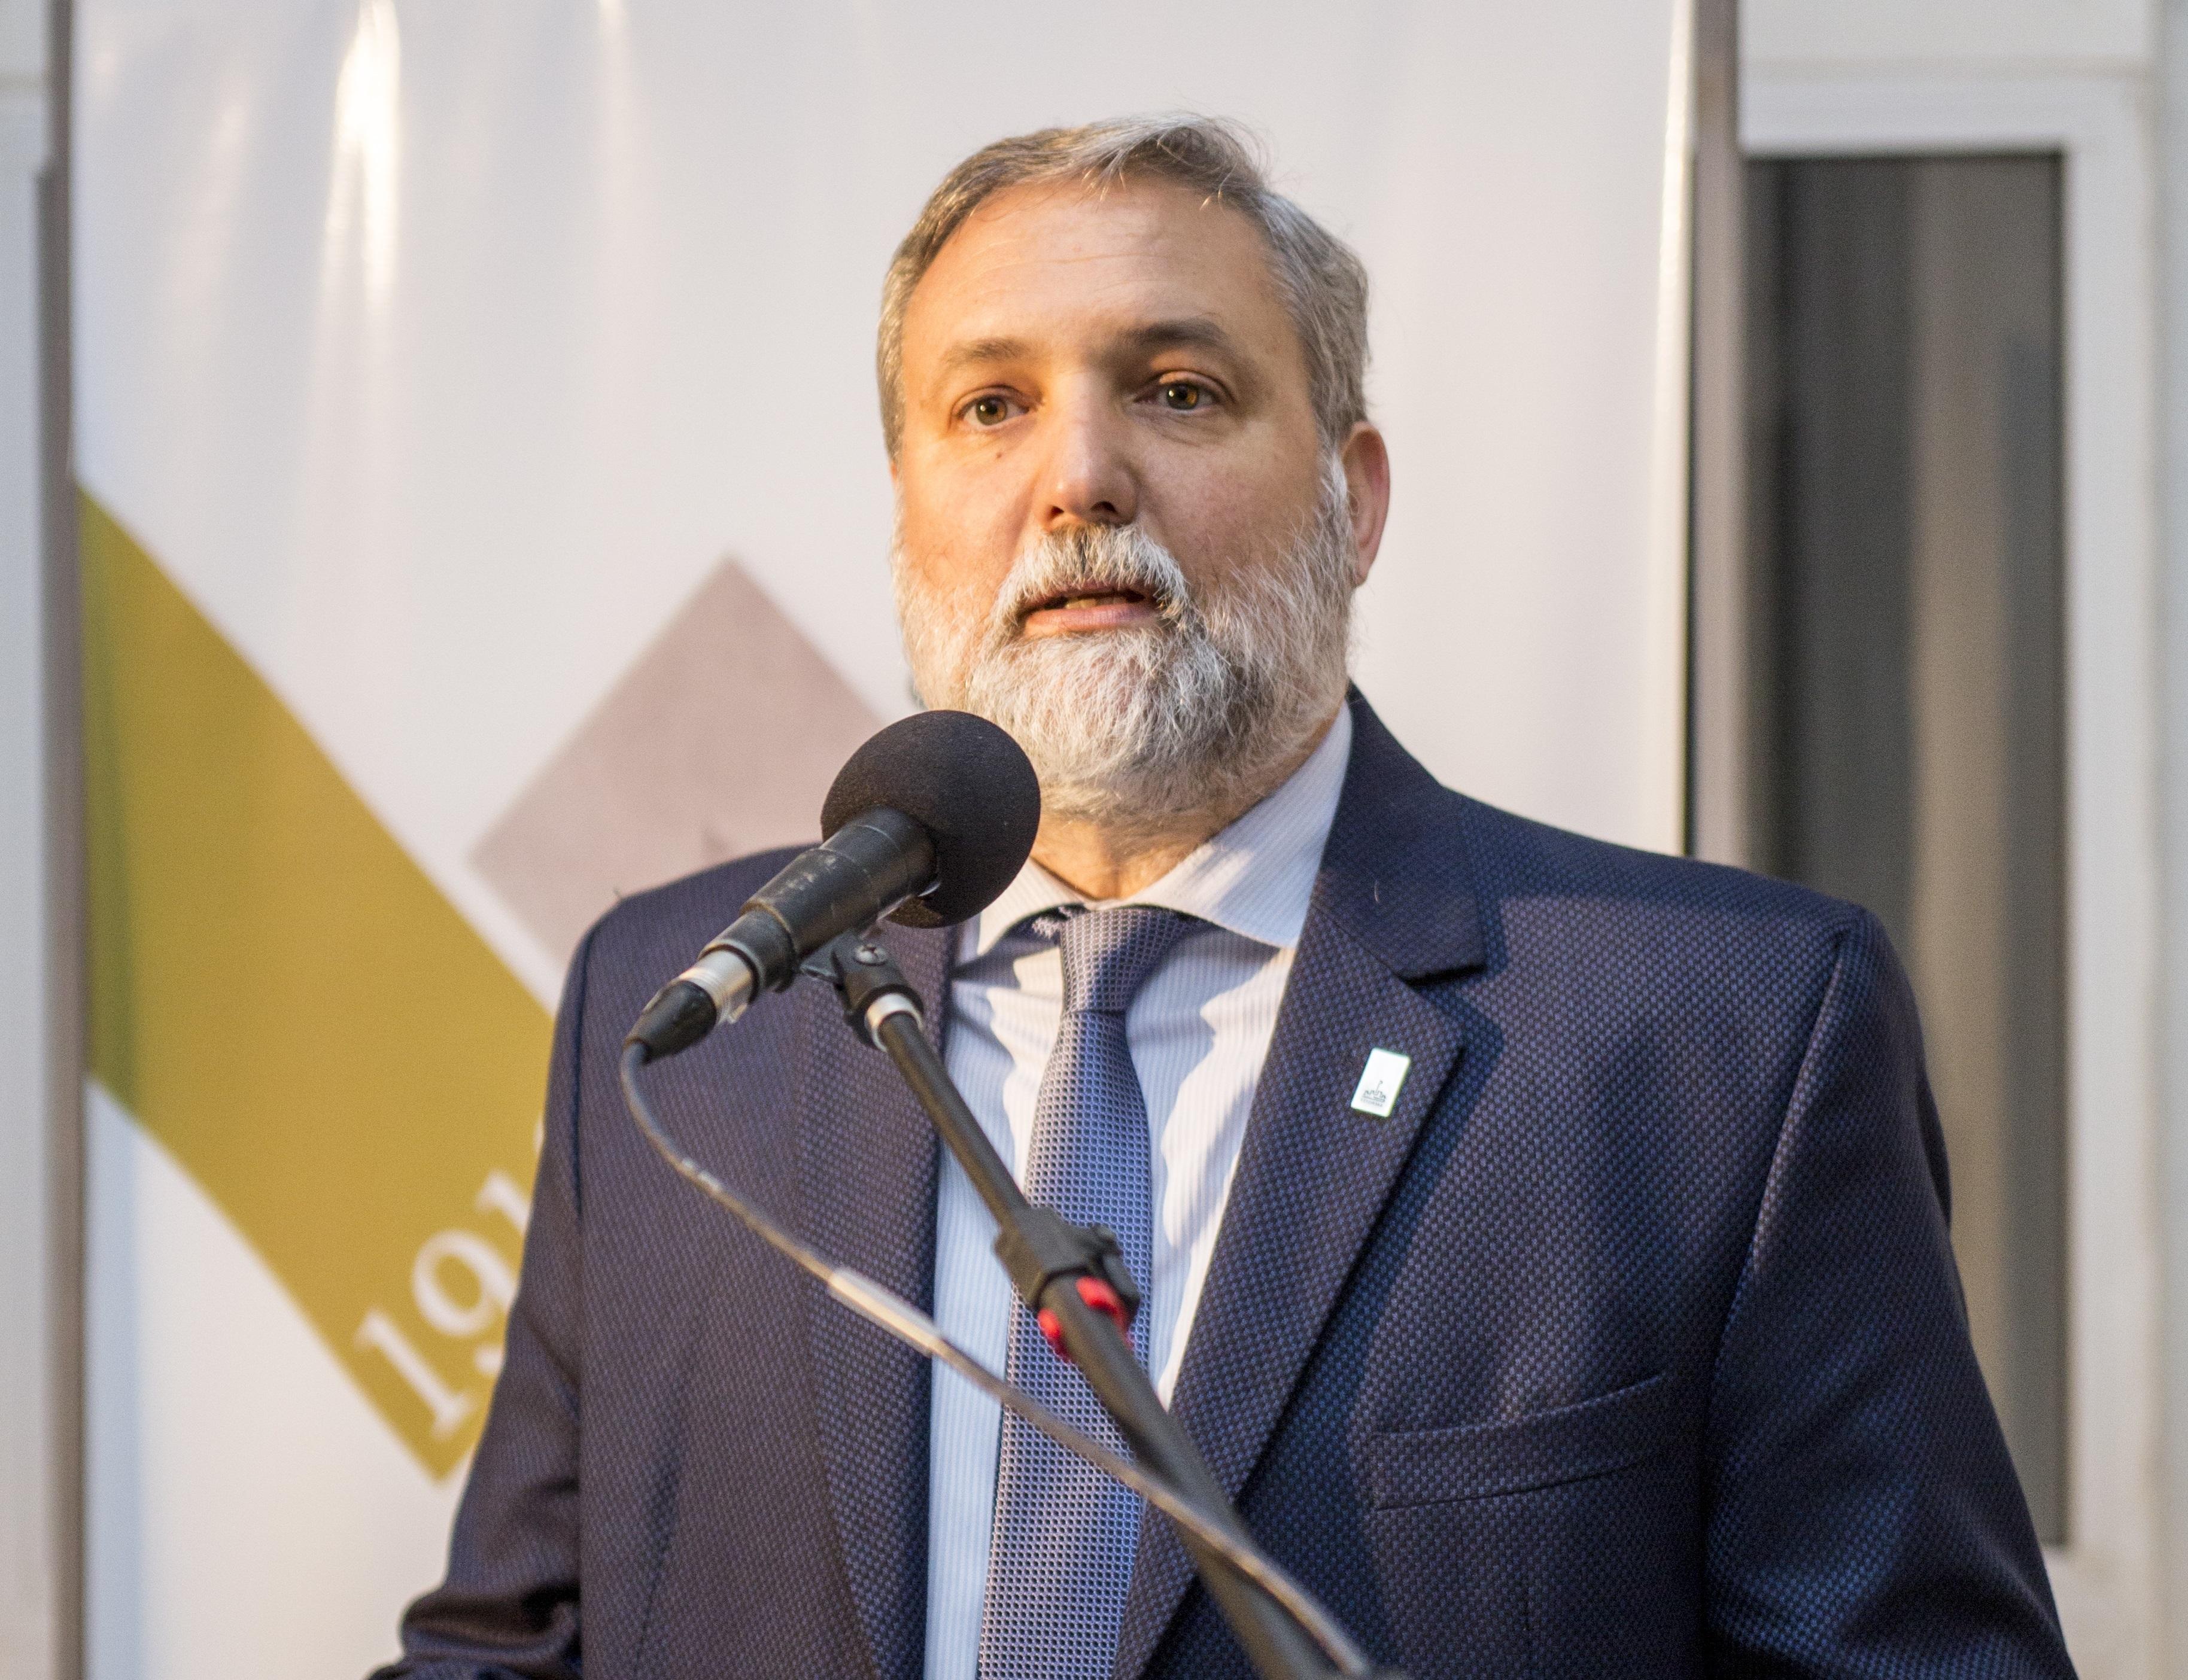 La máxima autoridad de la Universidad Nacional de San Antonio de Areco, Jerónimo Ainchil, realiza un balance del 2018 y plantea las perspectivas para el año entrante, en el que la institución tendrá sus primeros egresados: